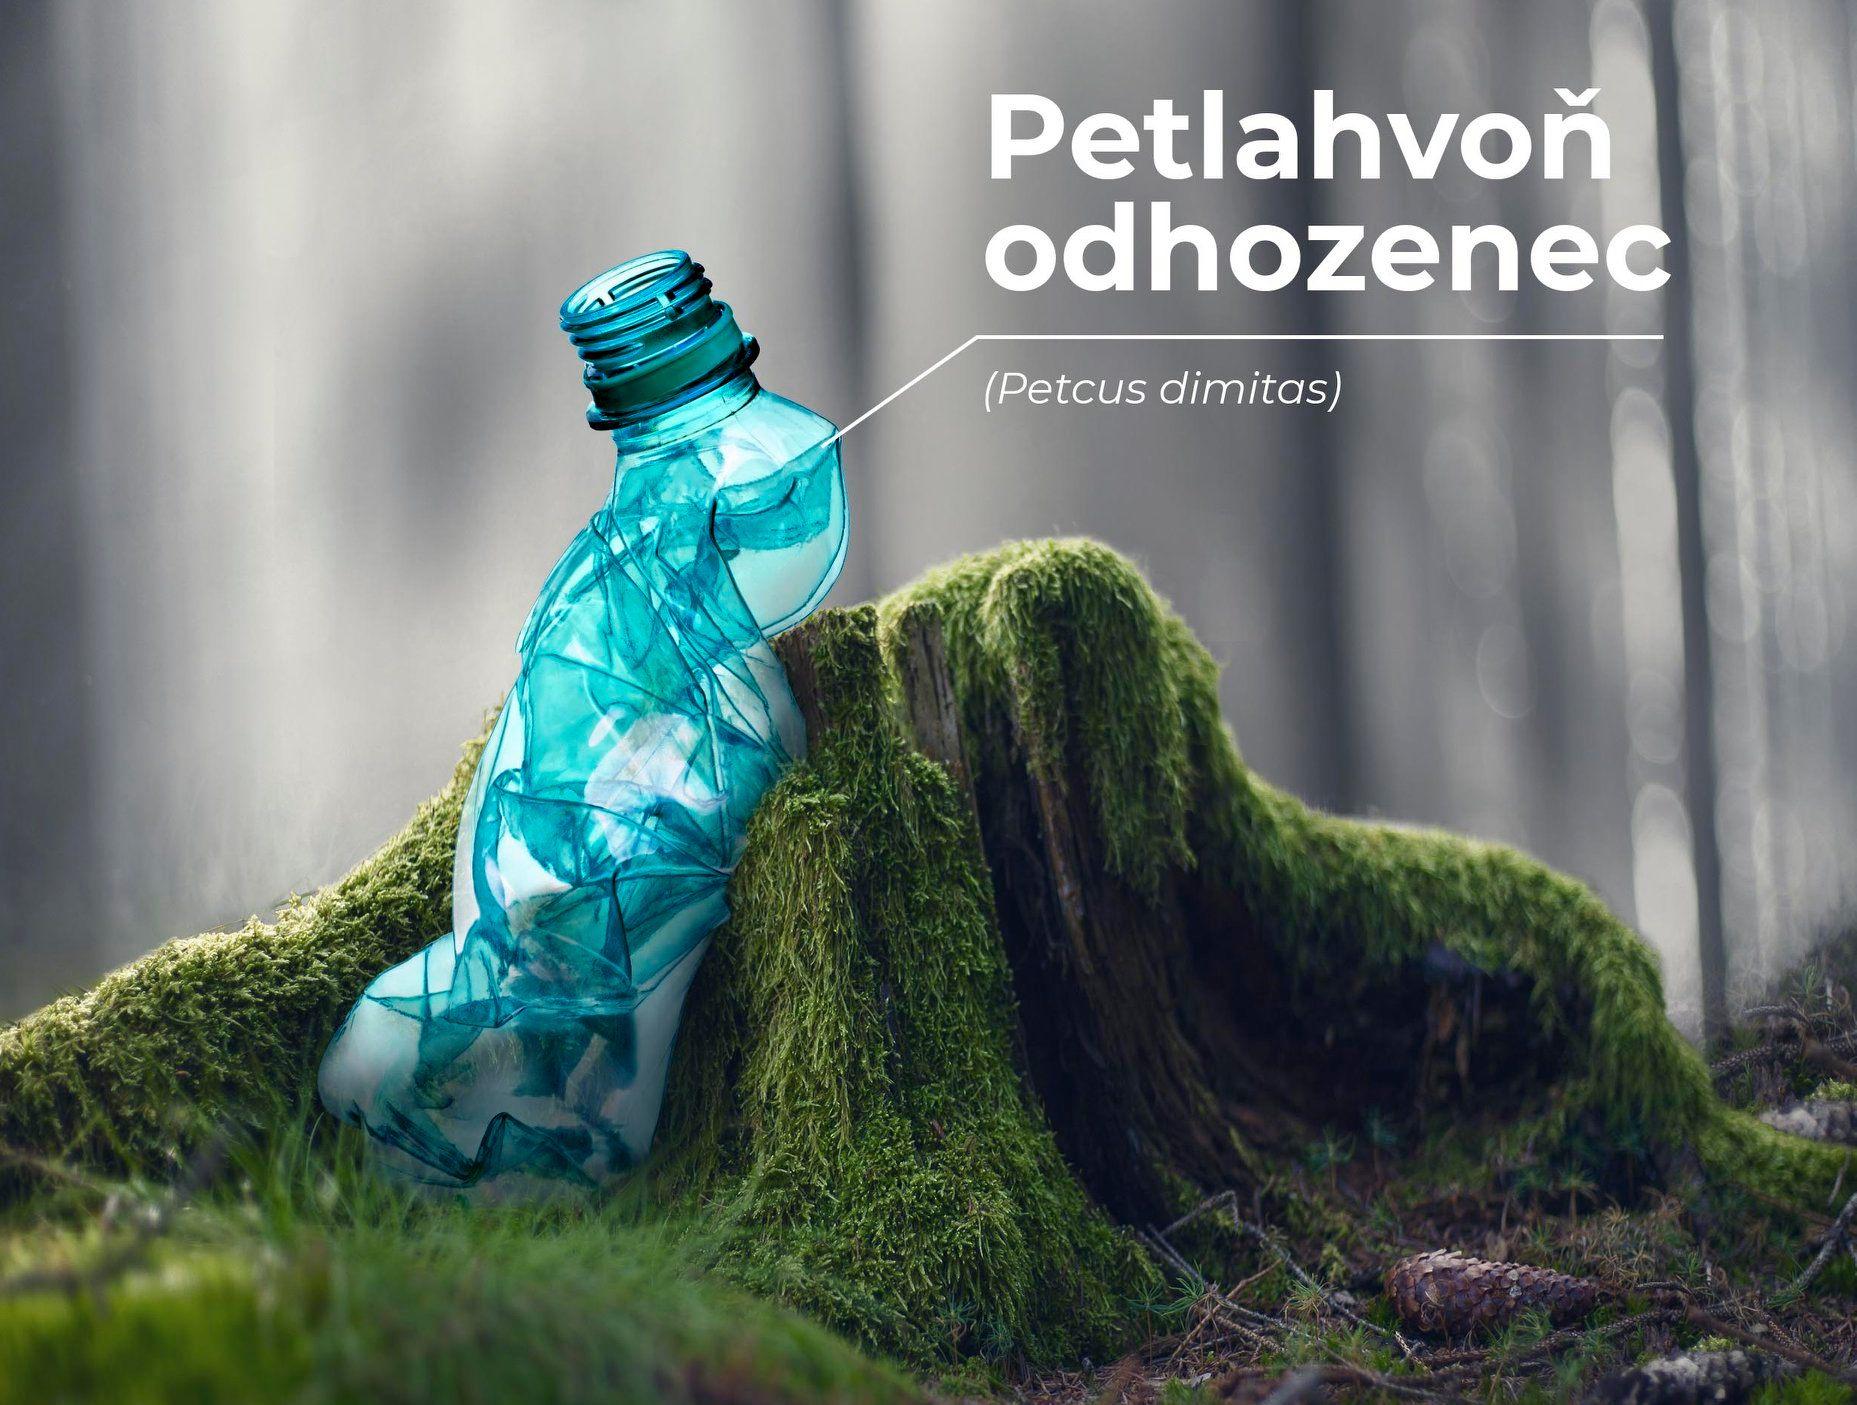 neni_zver_jako_zver_petka_pet_lahev_plast_priroda